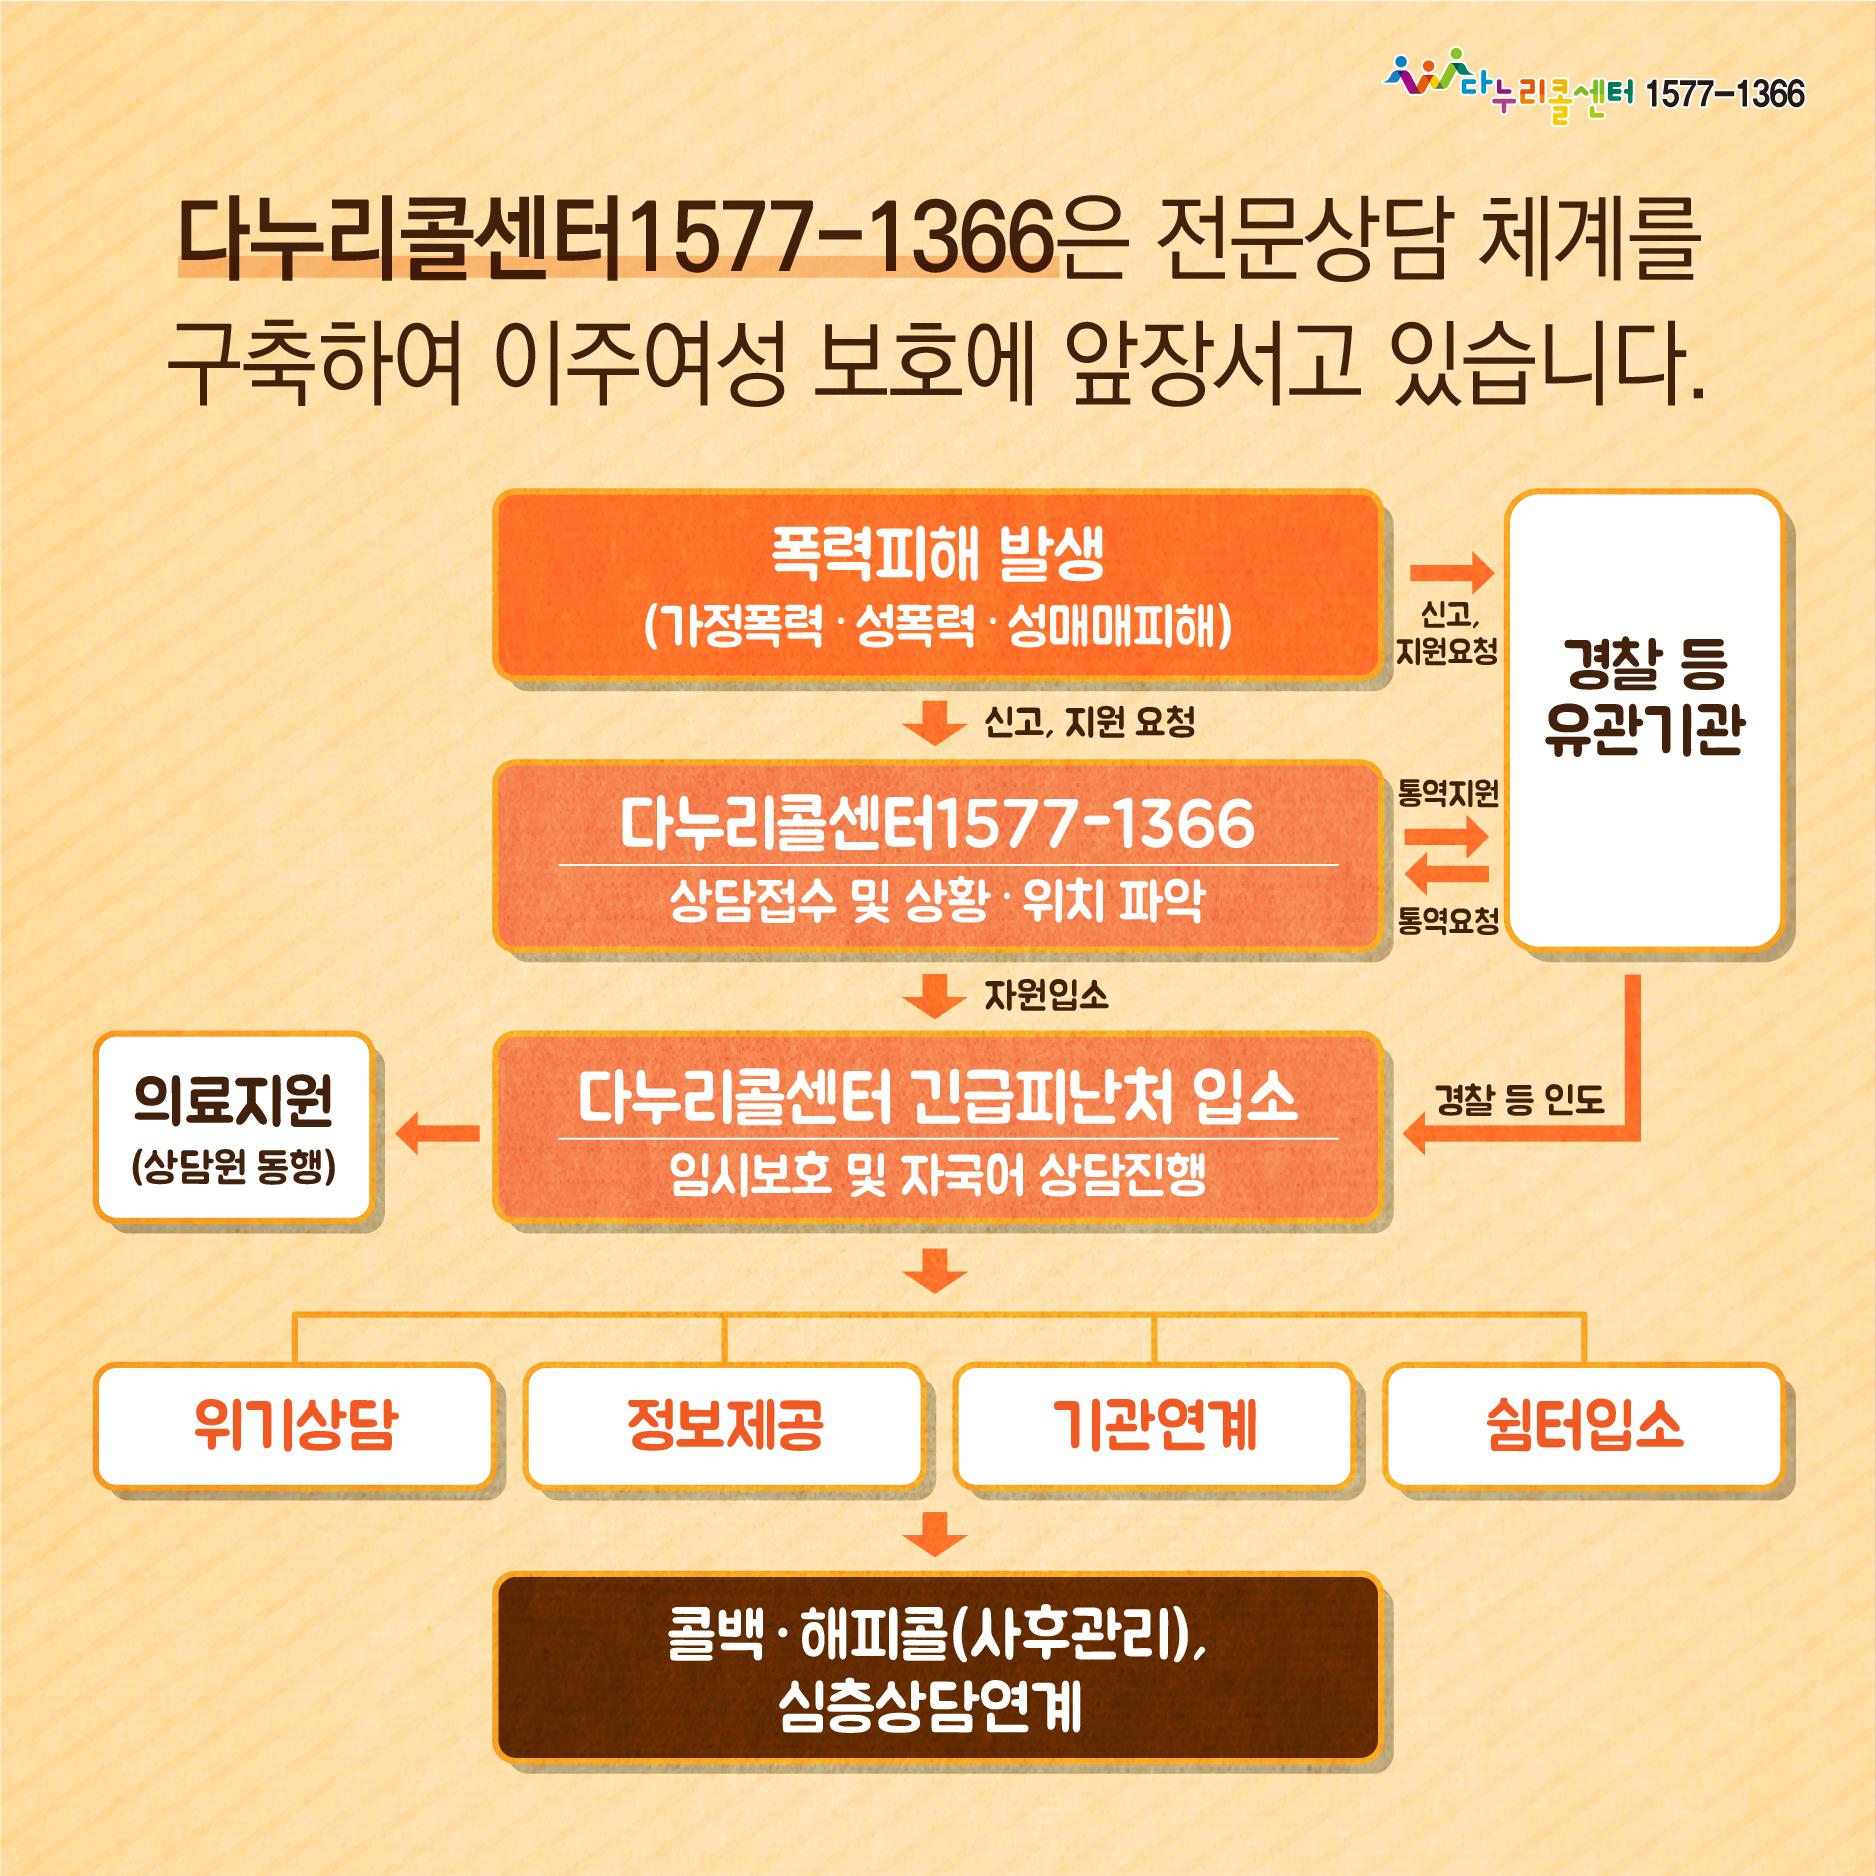 [카드뉴스] 다누리콜센터1577-1366 이주여성 폭력피해 긴급지원 안내(한국어)_8